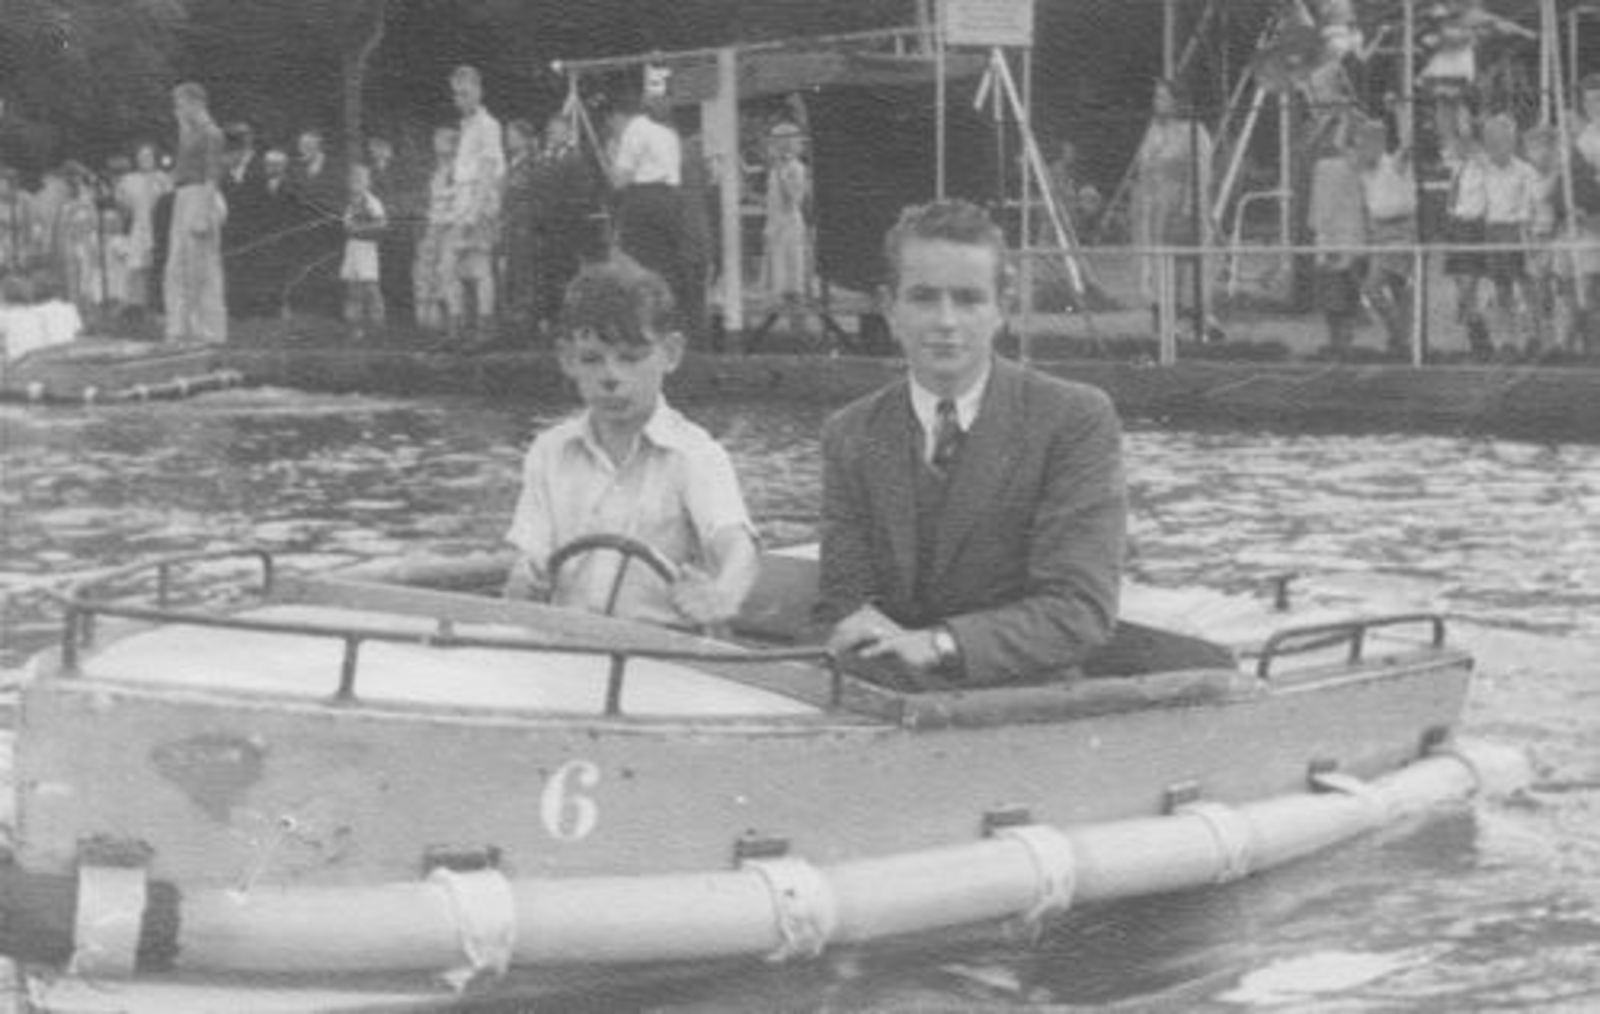 Koolbergen Aad 1941 1950± in Oud Valkeveen met Gerus Schelvis